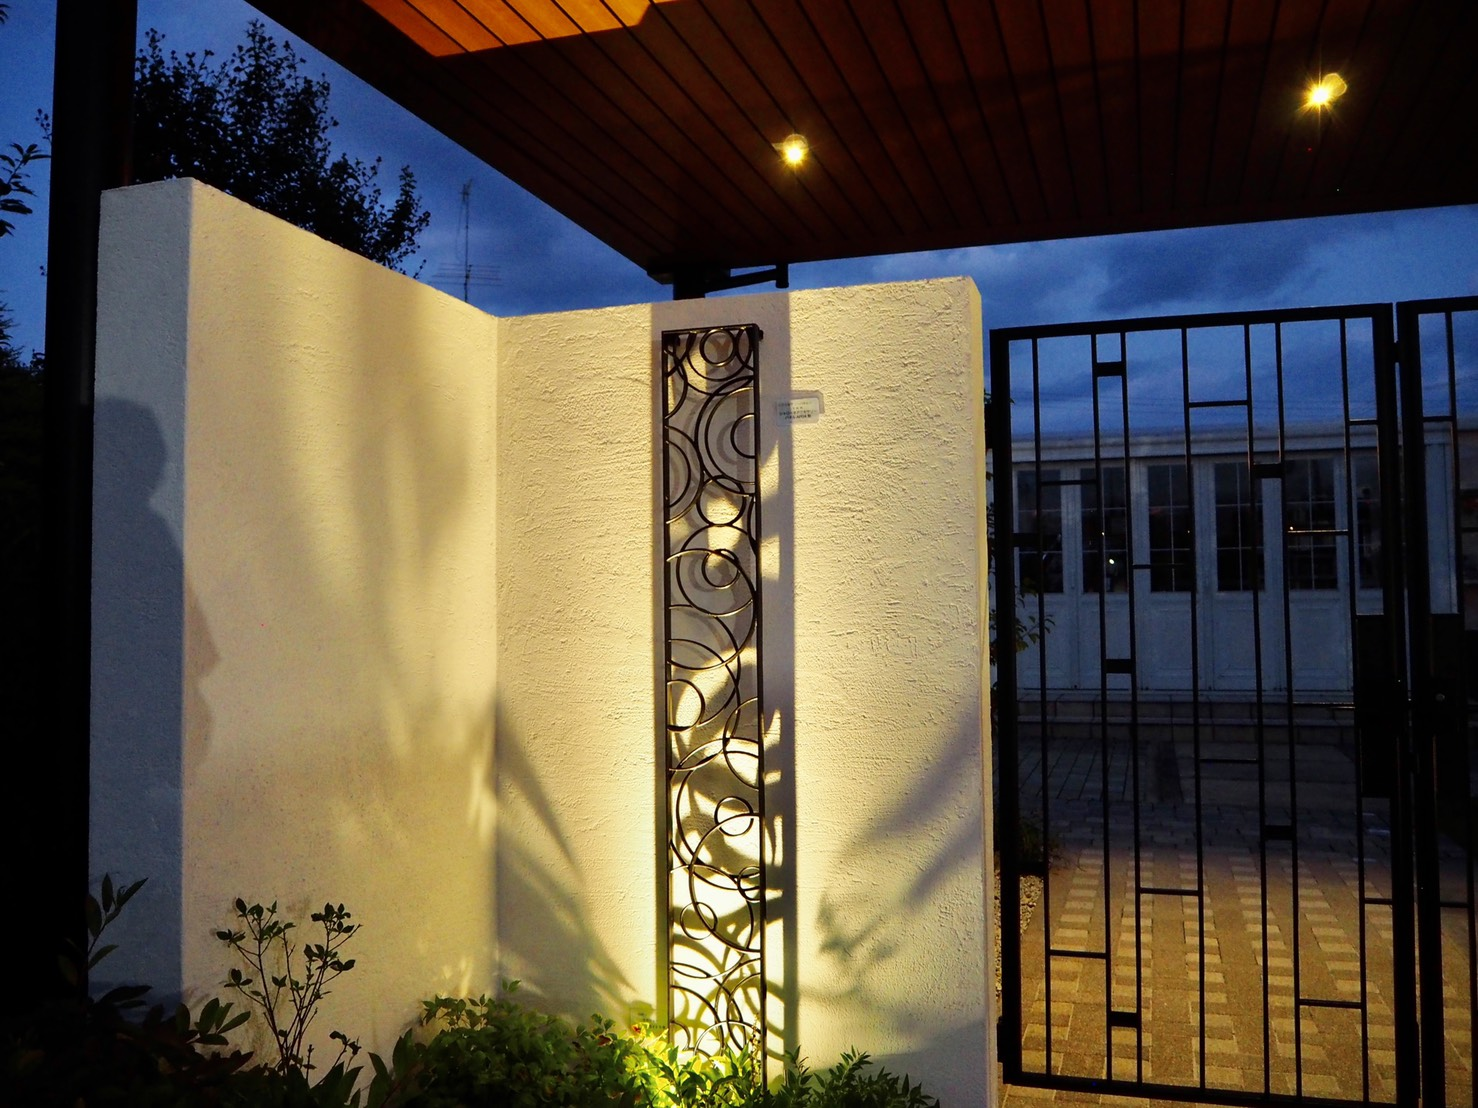 3種類のライティングで展示場の門周りを素敵なナイトシーンをデザイン ハマニグリーンパーク㈲ 静岡県ハマニグリーンパーク㈲浜北展示場 Spectacular garden lighting by lighting professionals. Enjoy a dramatic, romantic, even mysterious scene comparing to a day time.